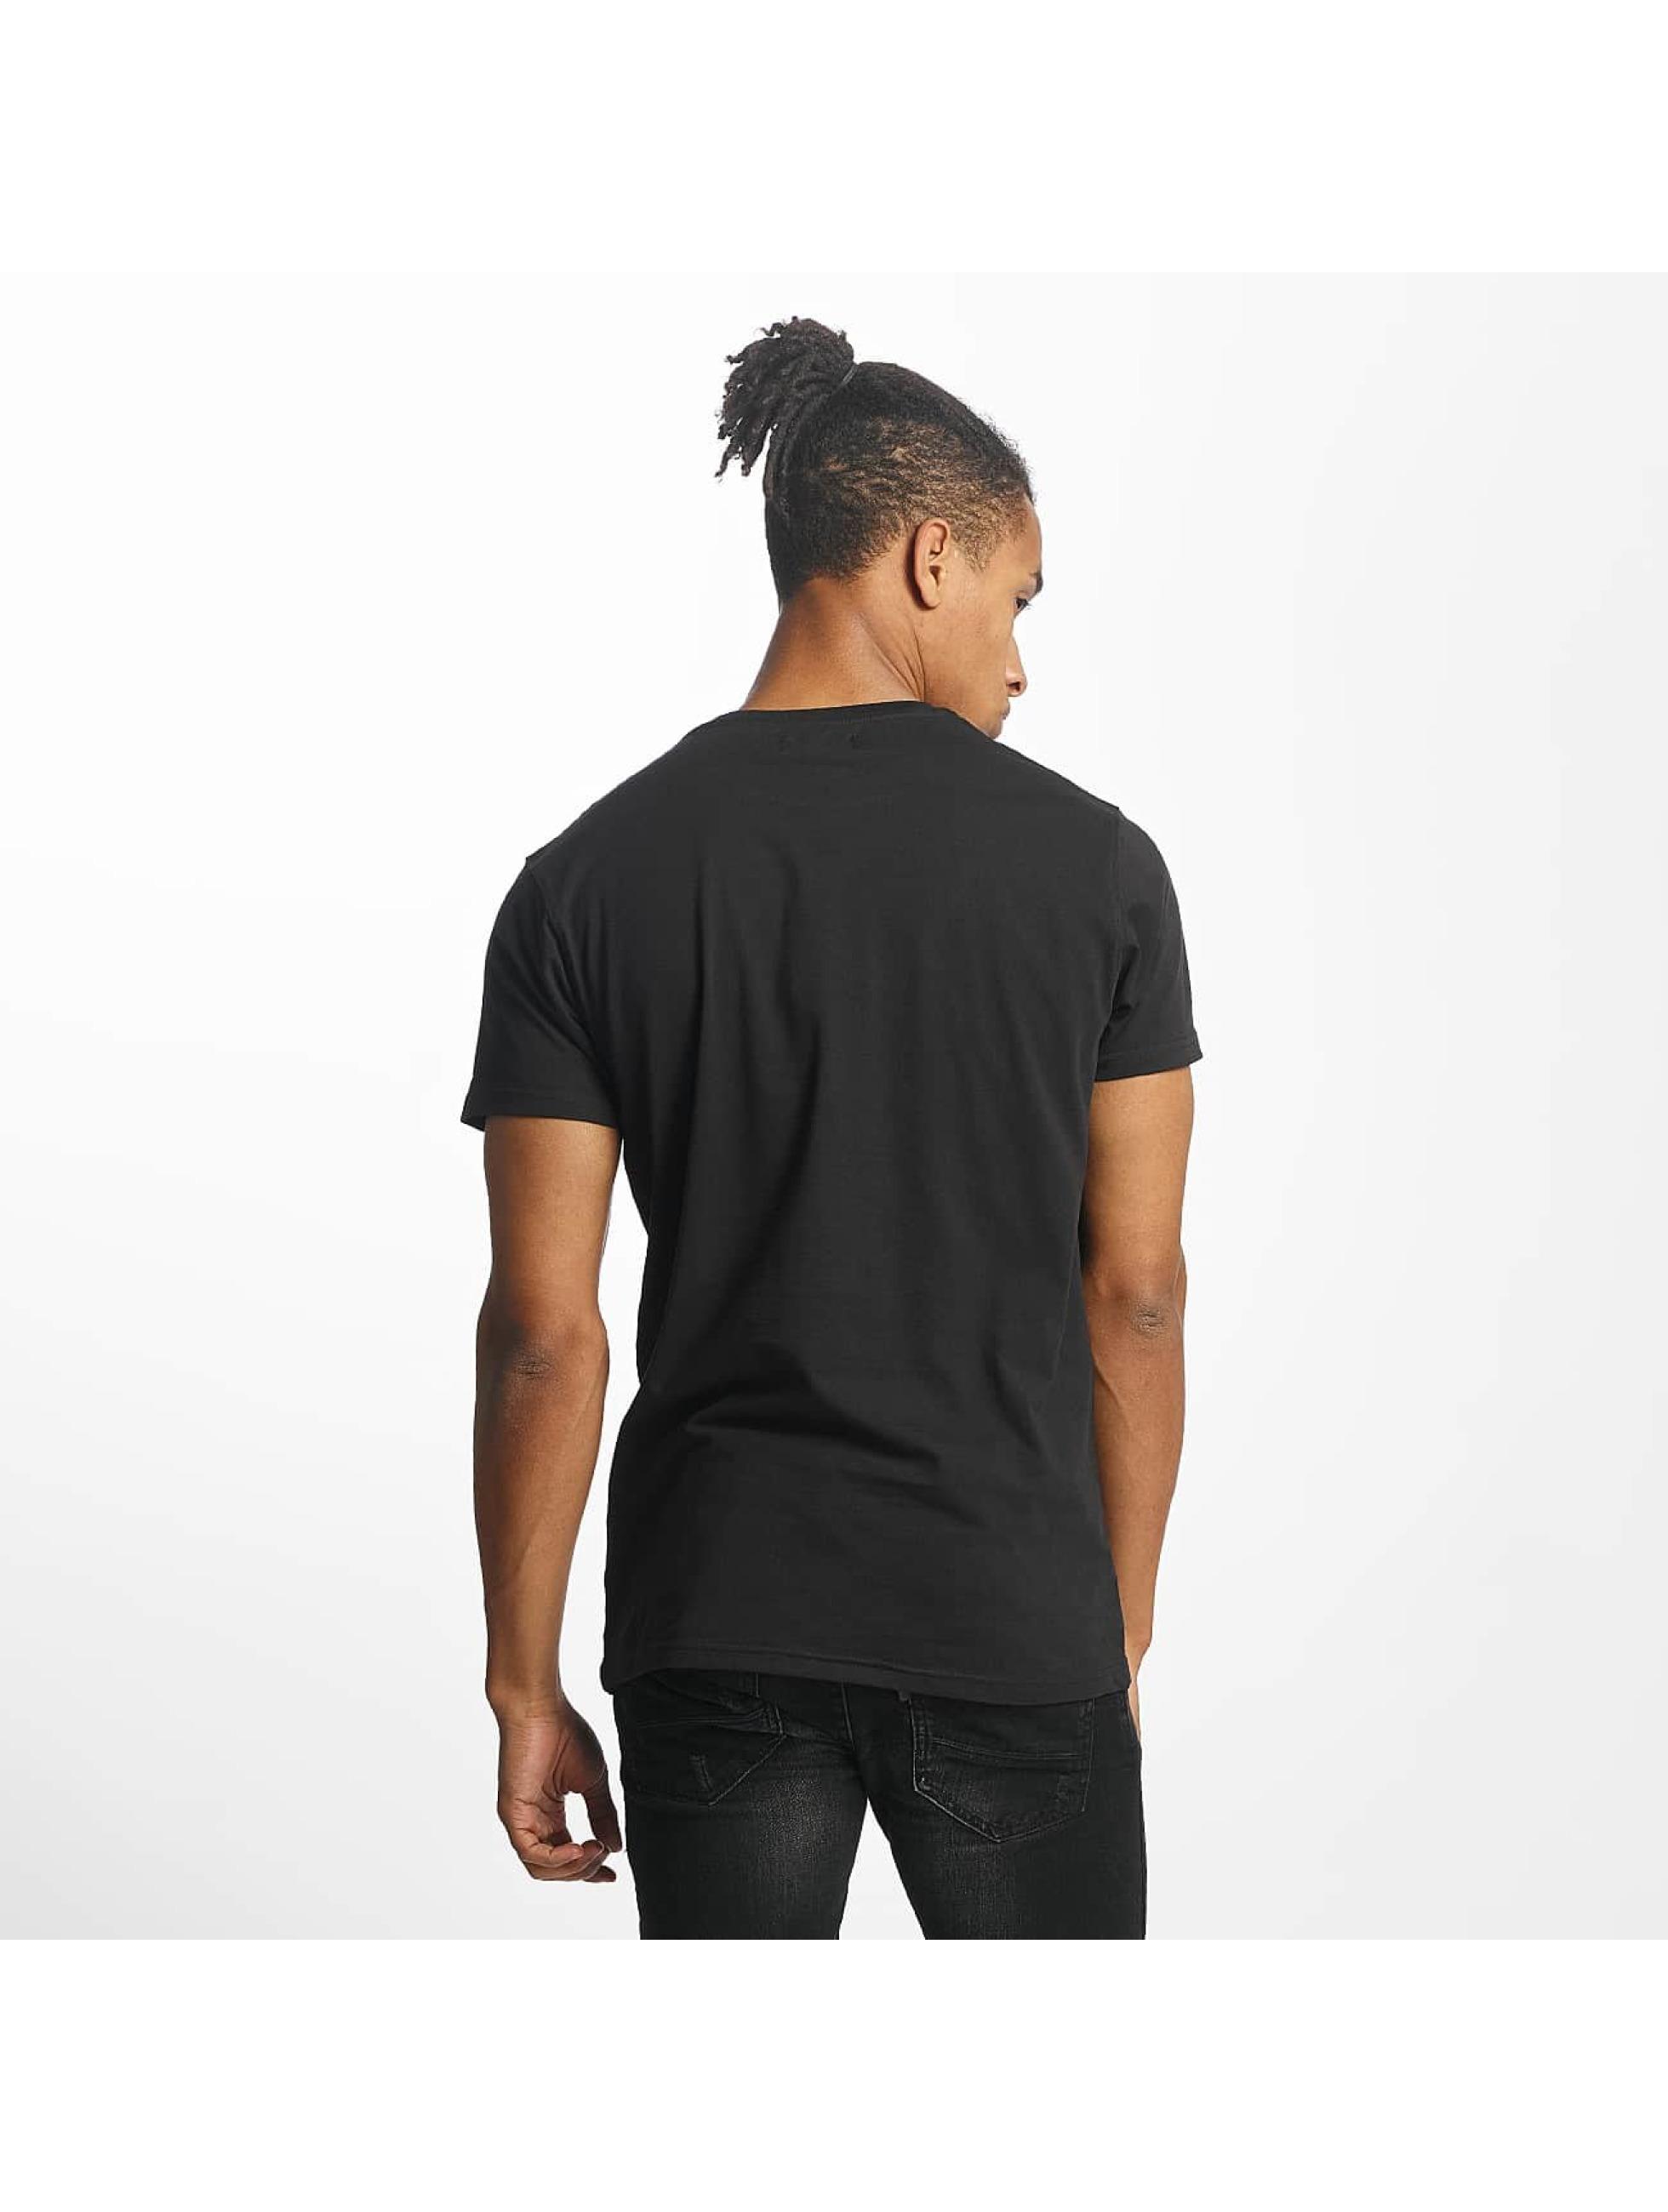 Paris Premium T-Shirt Attitude is everything black